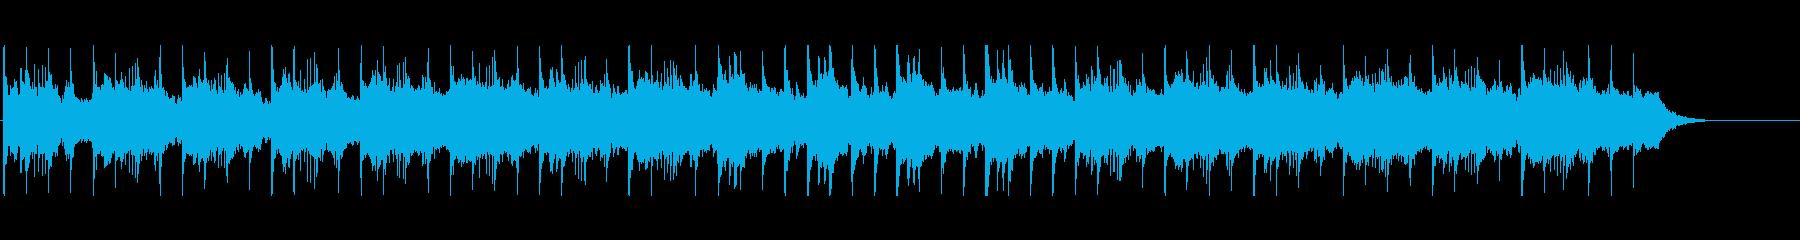 雪 星 メルヘン 不思議 幻想 神秘 夢の再生済みの波形